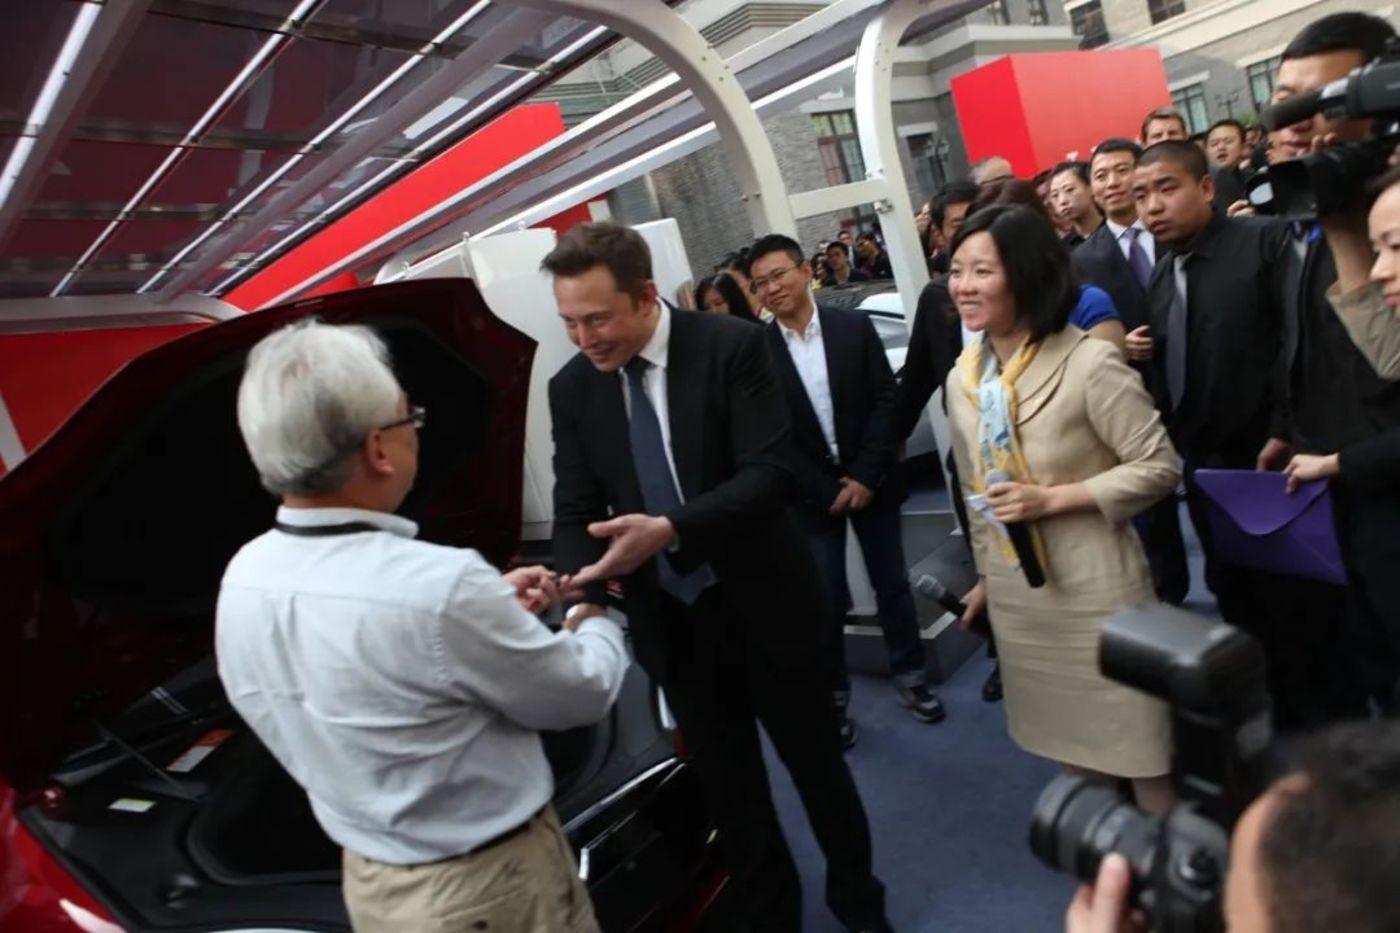 2014年4月,北京,特斯拉中国首车交付仪式举行现场